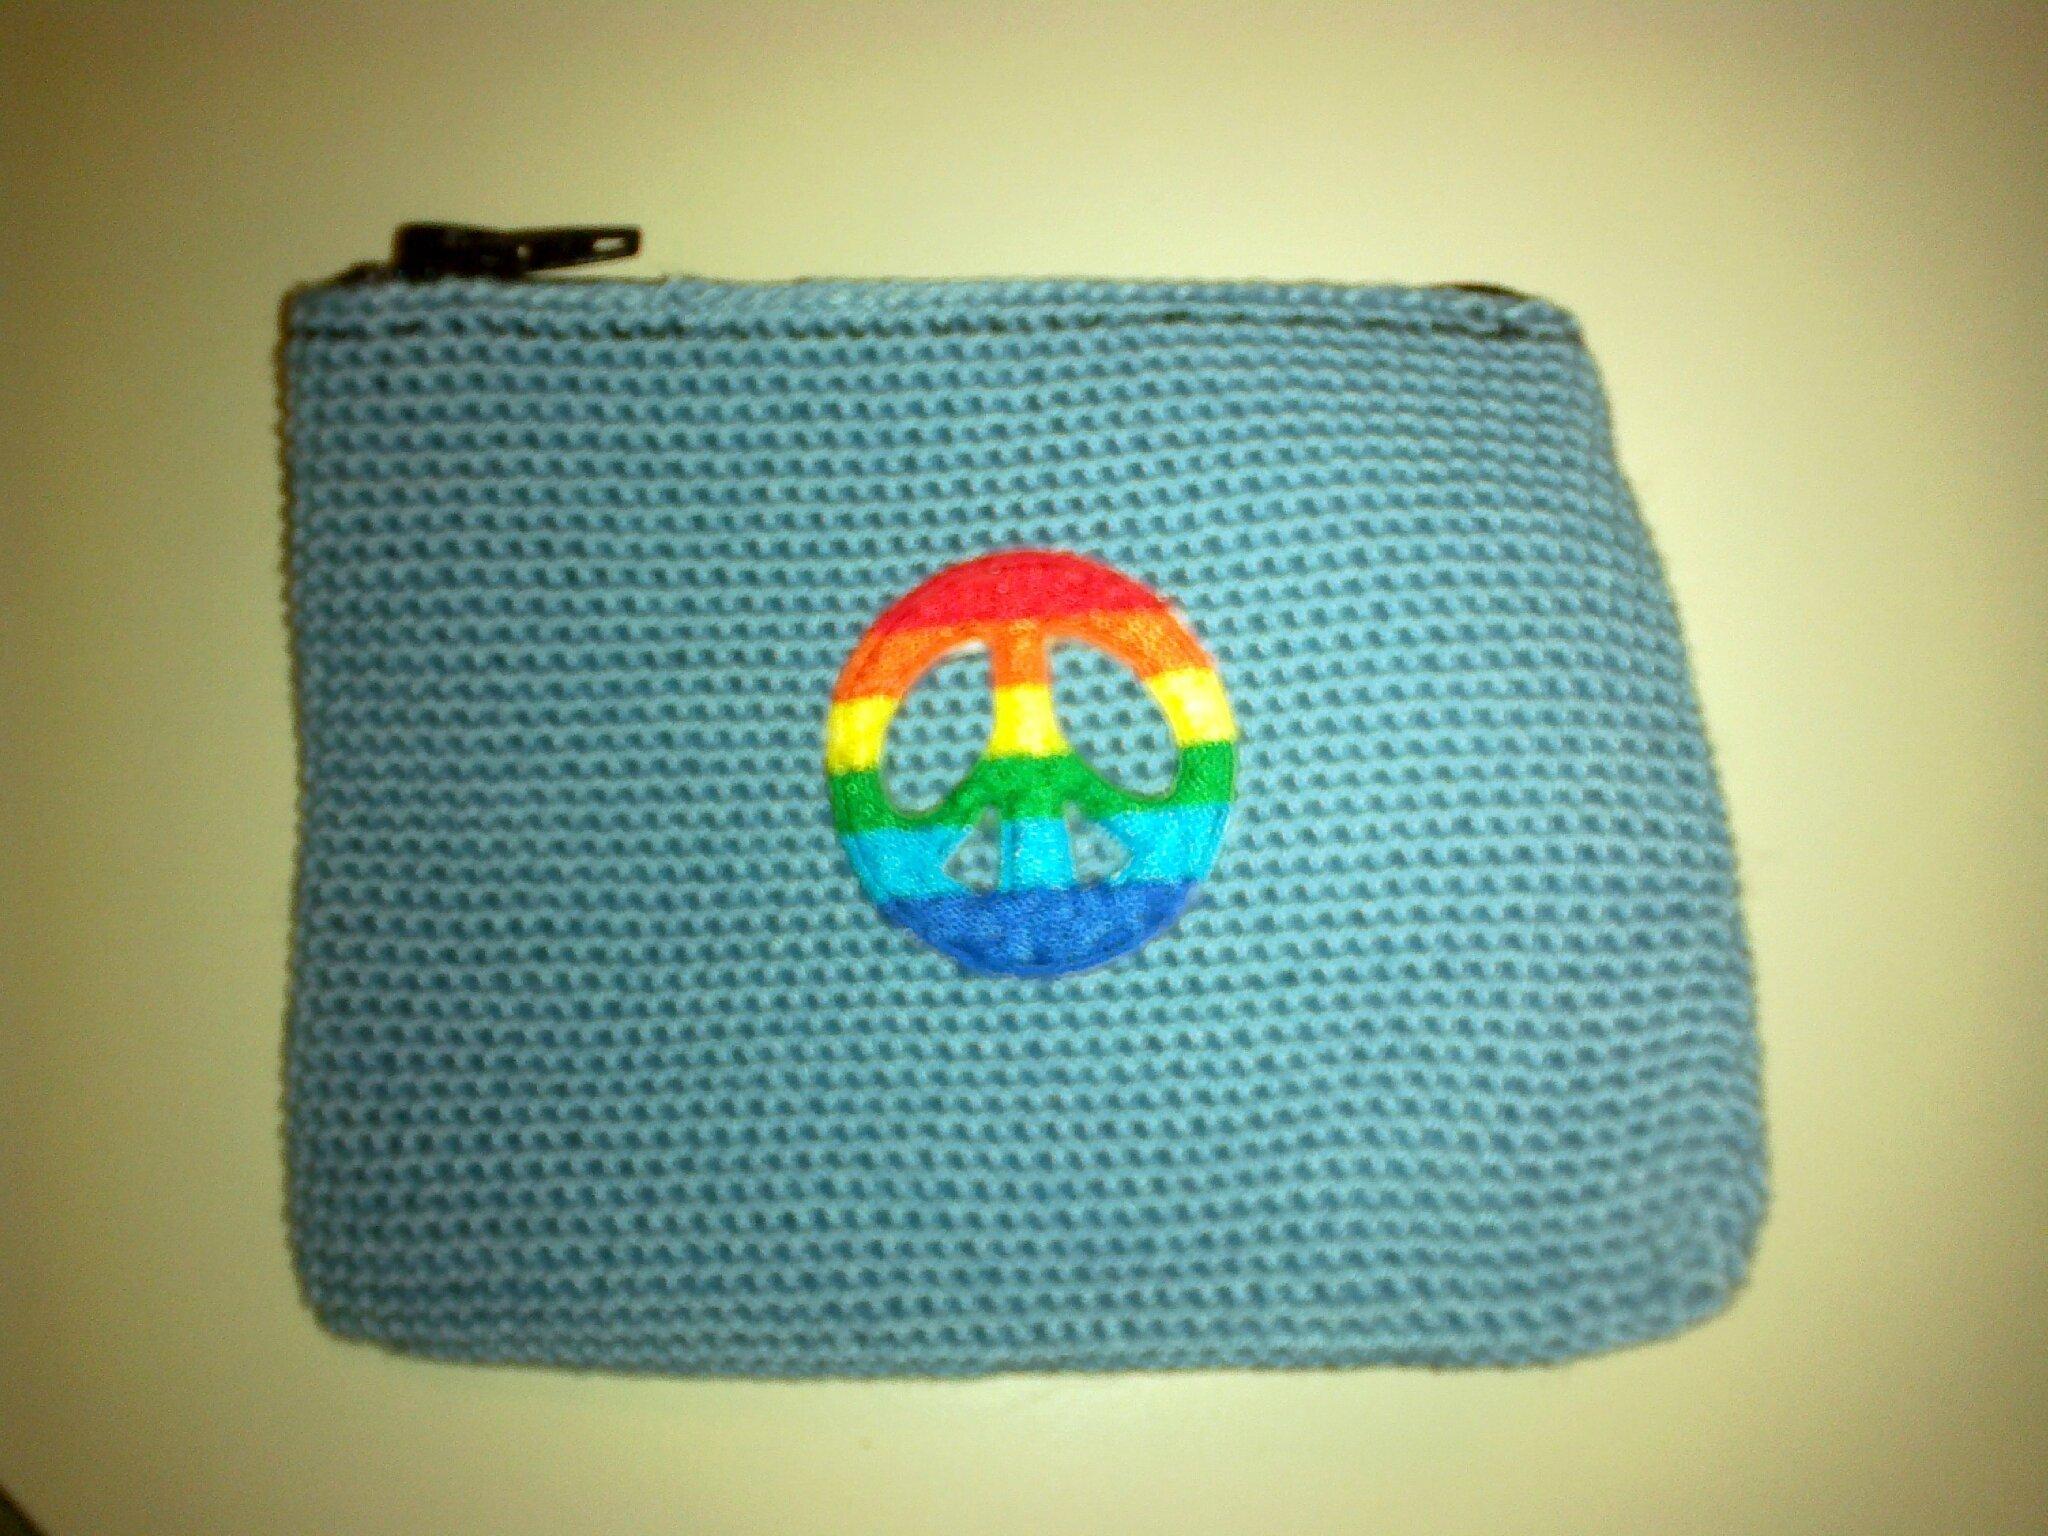 porte-monnaie crocheté bleu ciel avec écusson peace and love multicolre et fermeture éclair noire